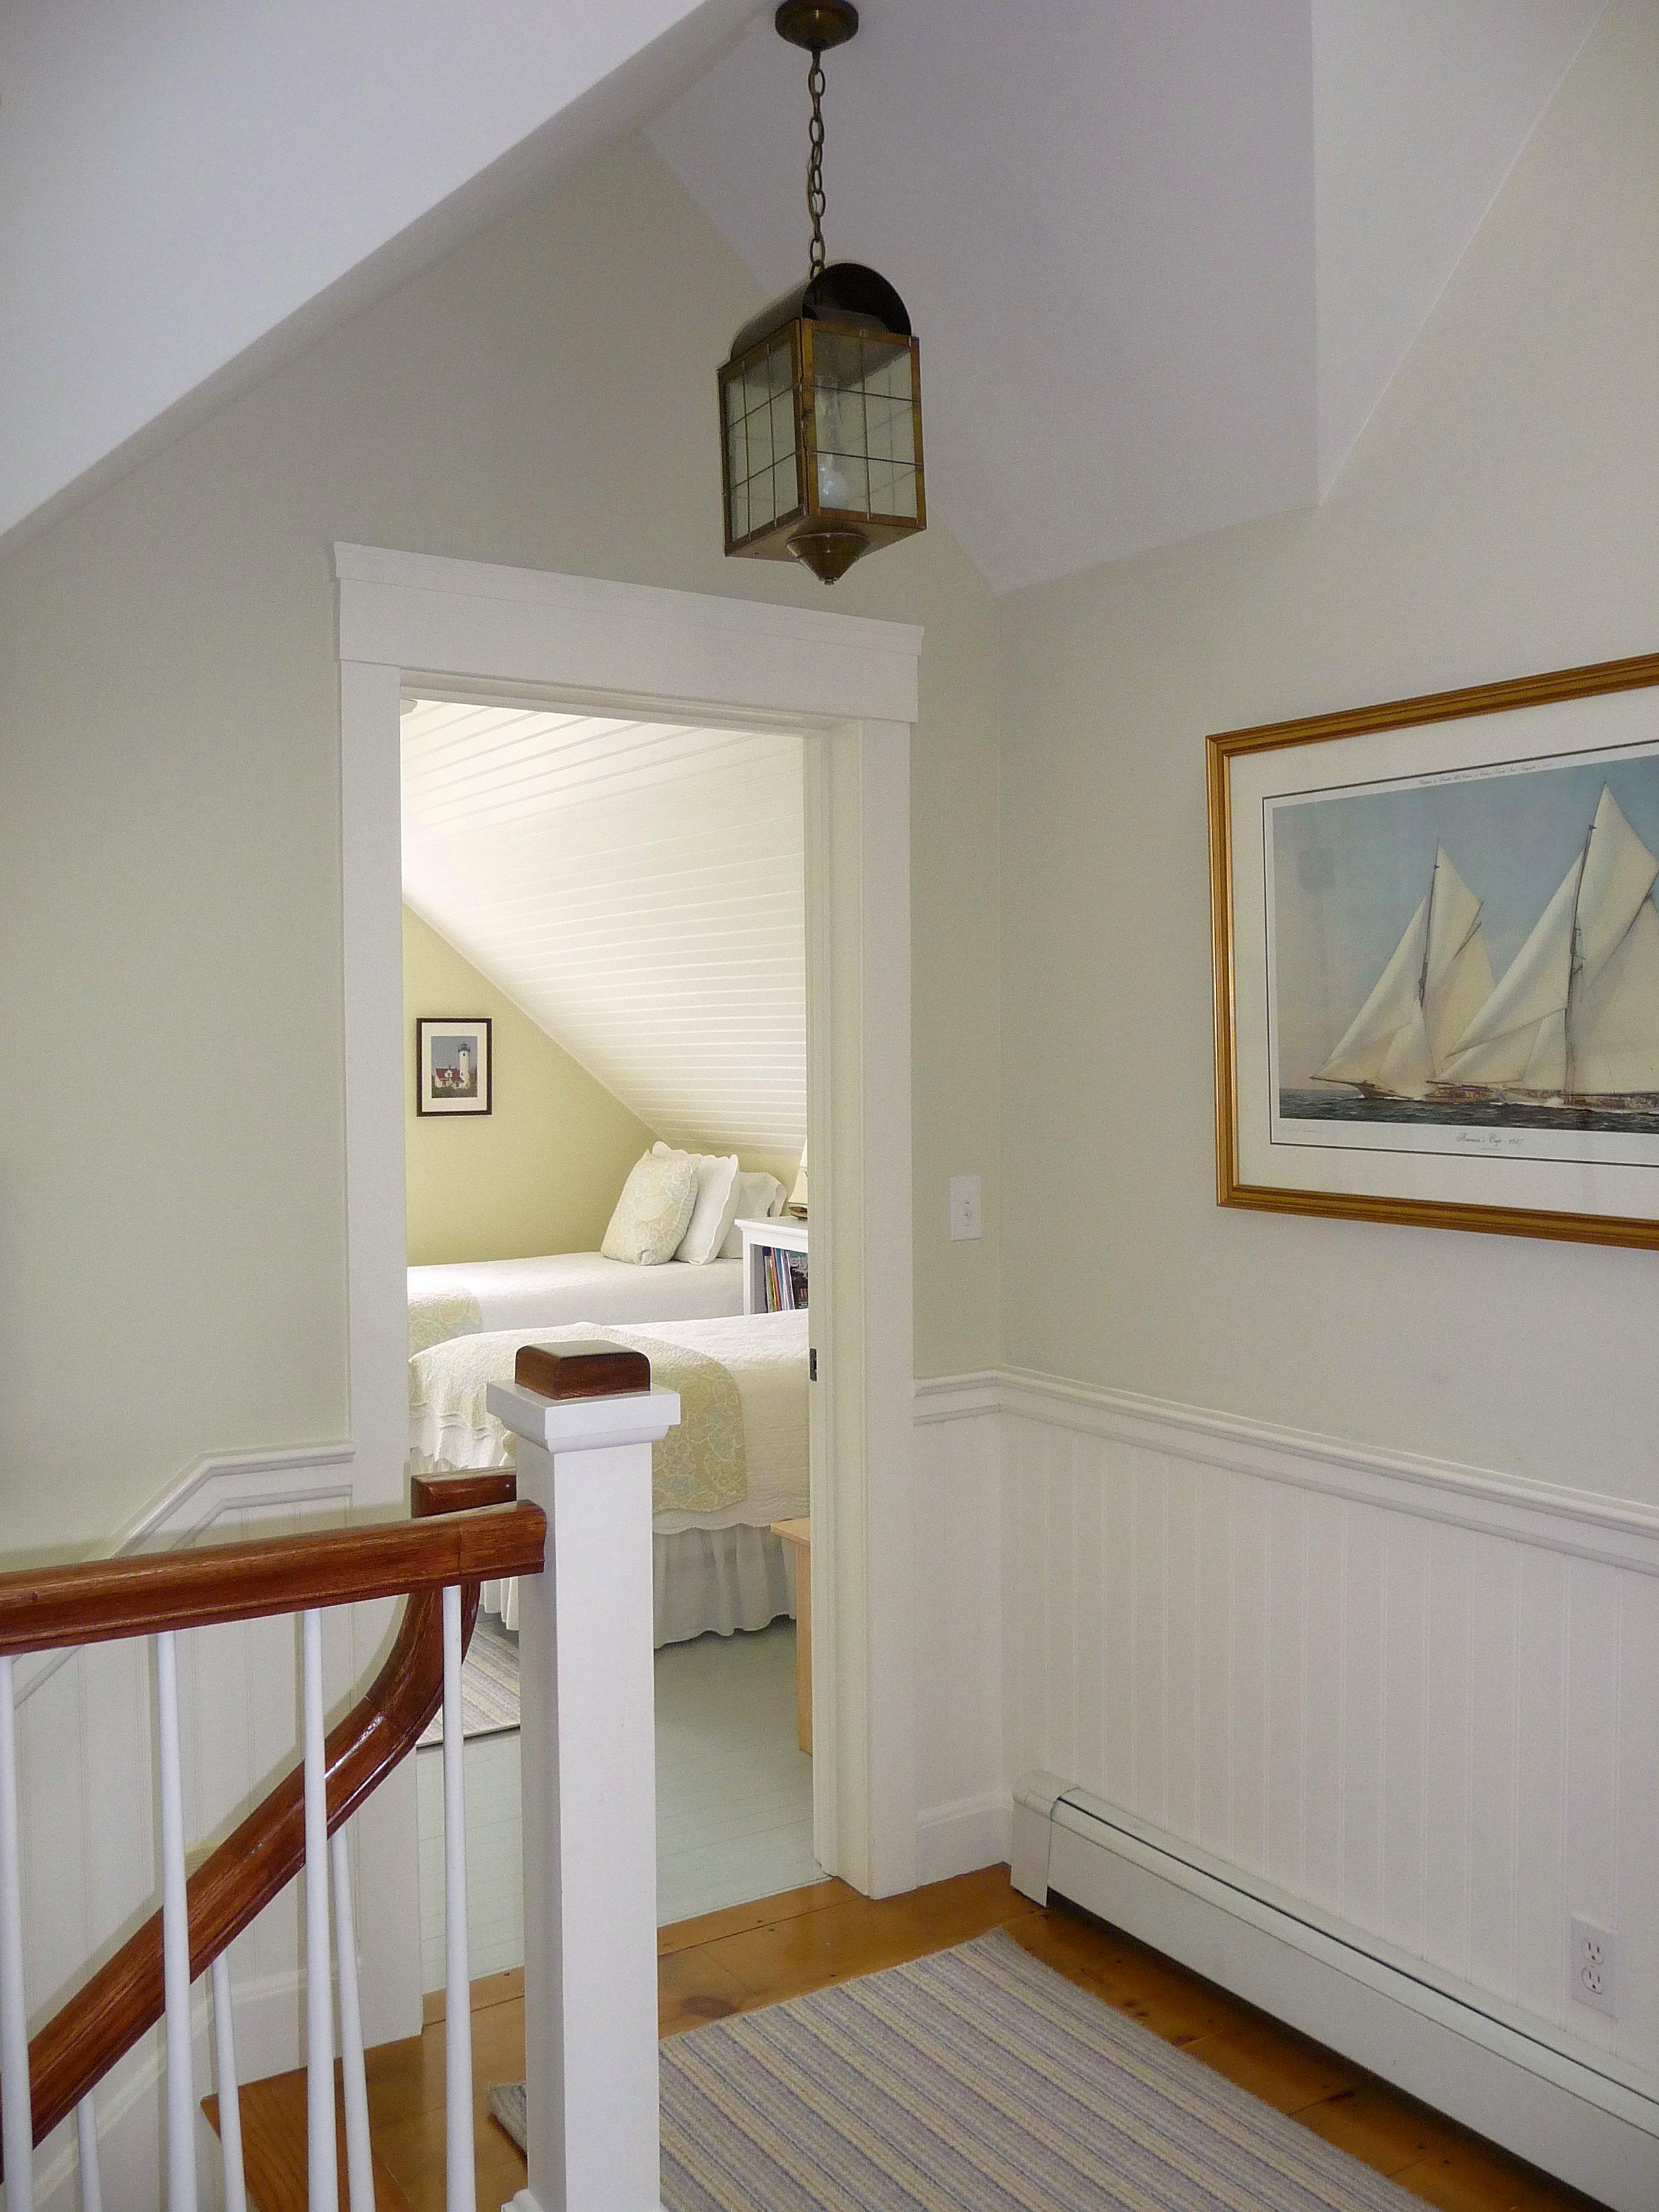 Lantern_Chandelier_Stairwell_Vaulted_Ceiling.jpg